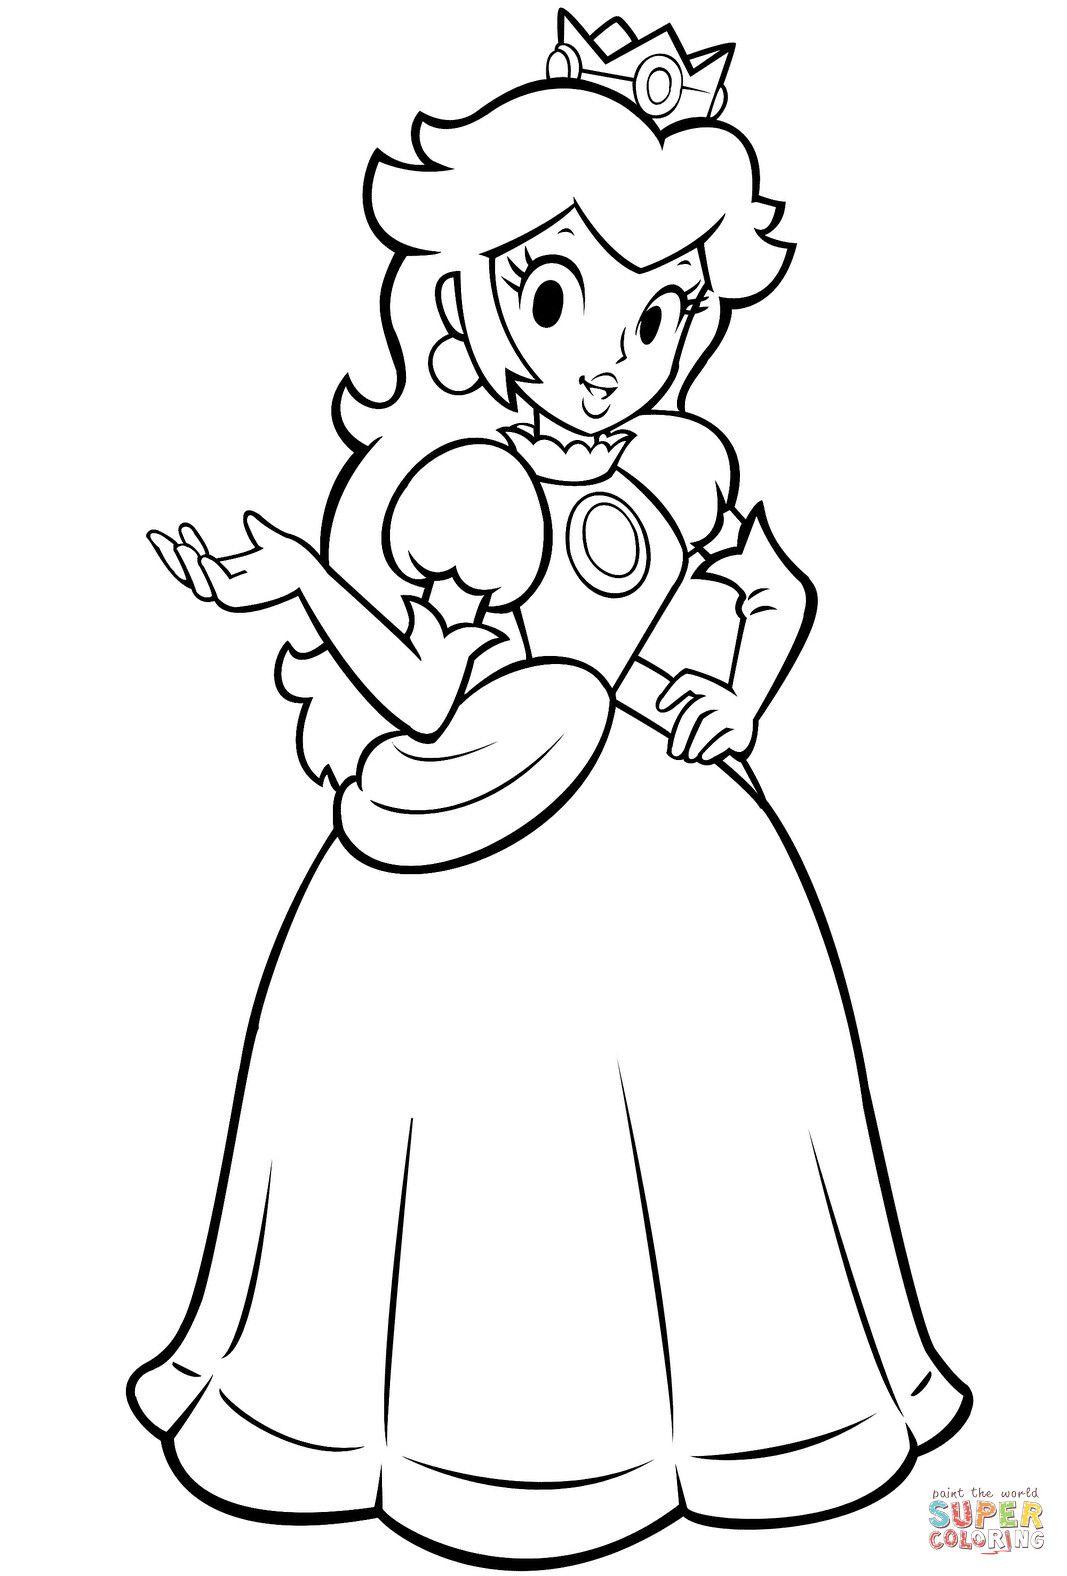 Super Mario Brothers Coloring Princess Peach 9 Boyama Sayfalari Ucretsiz Boyama Kitaplari Boyama Kitaplari